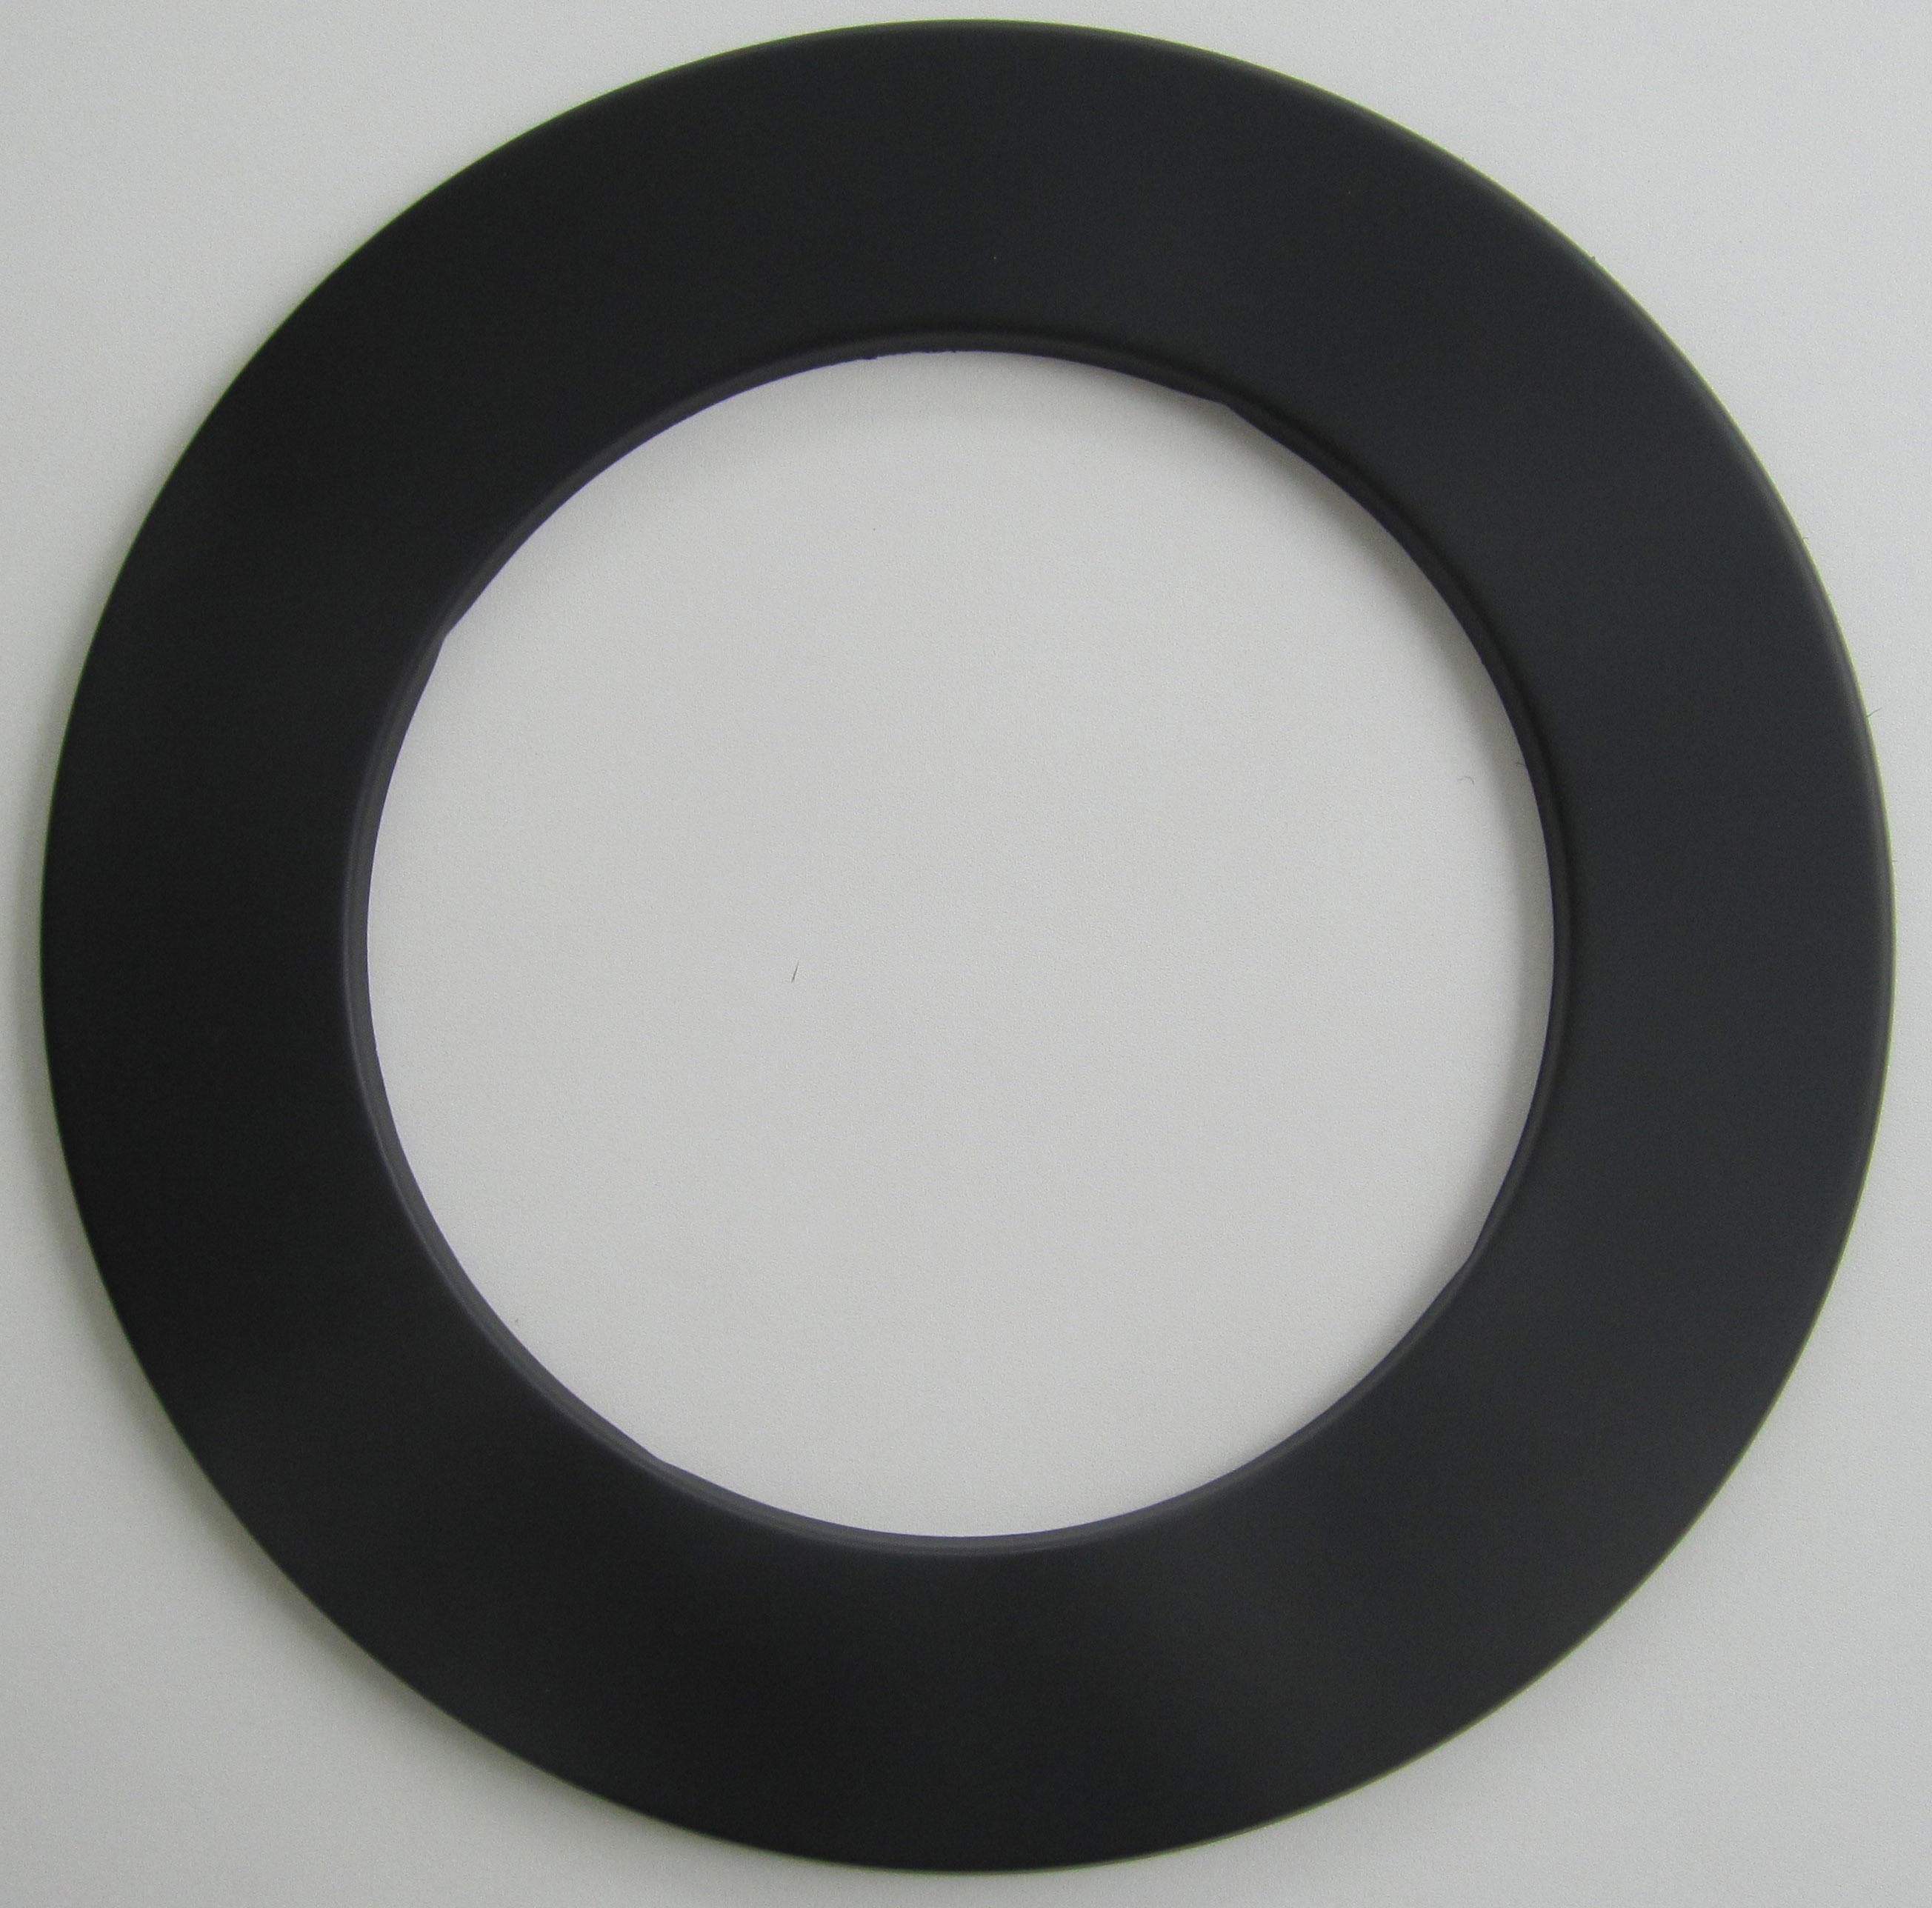 Ofenrohr / Rauchrohr Rosette schwarz Ø150mm Bild 1